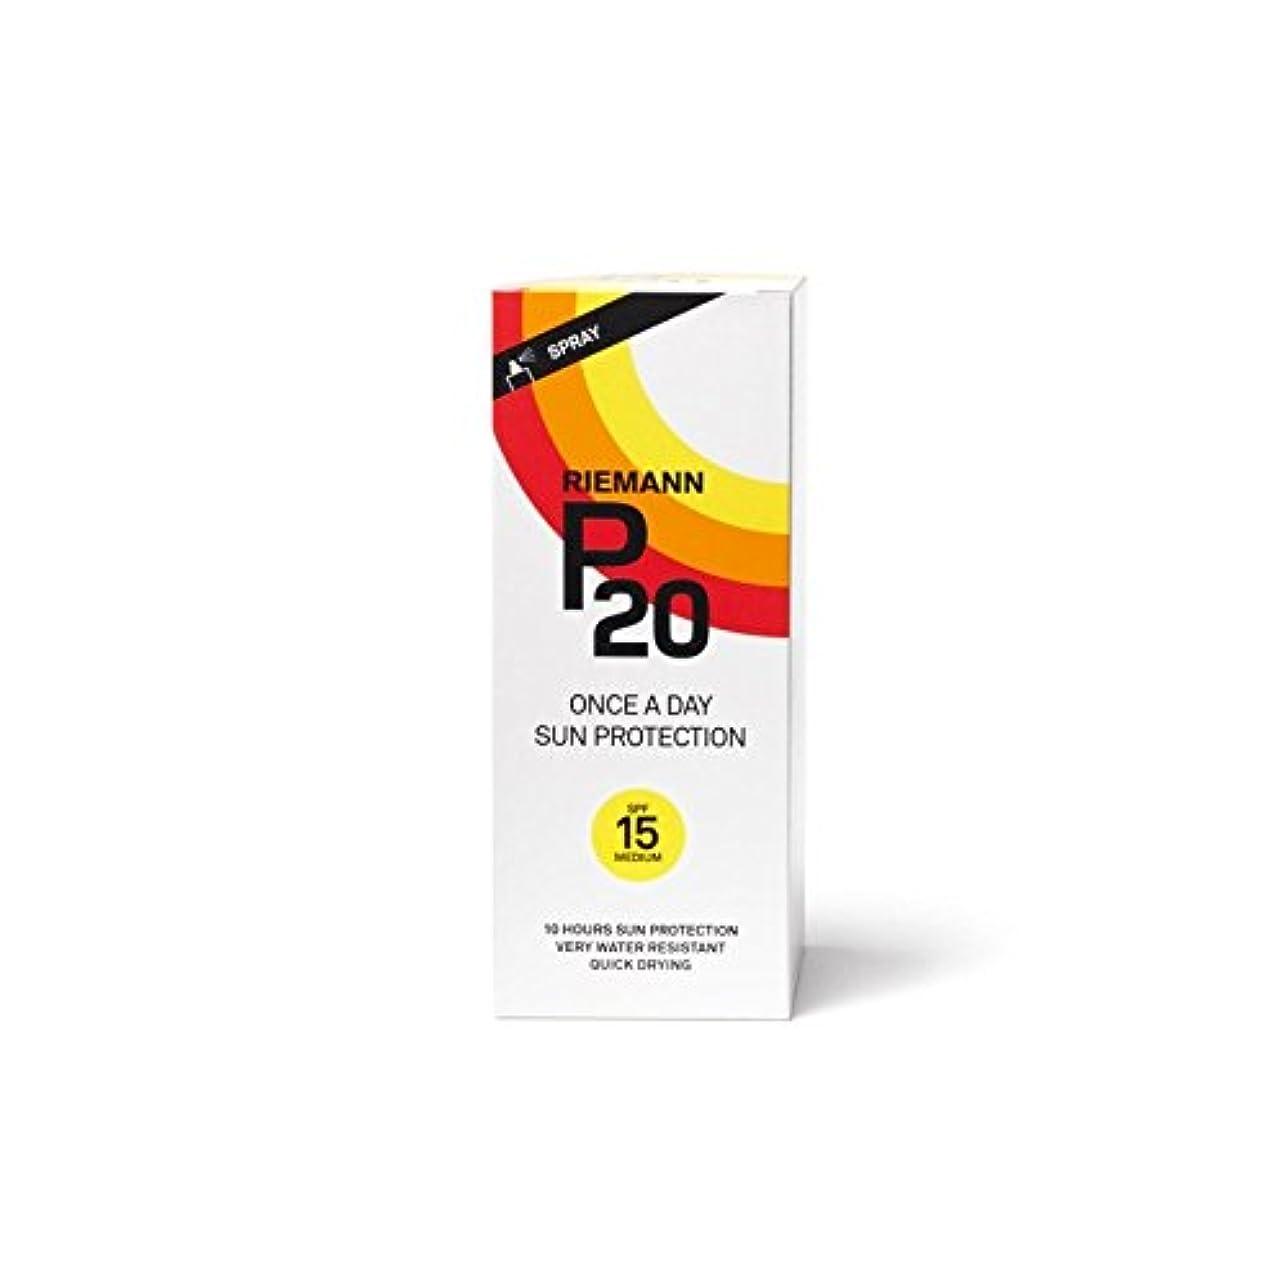 ランタン描写ずるいRiemann P20 Sun Filter 200ml SPF15 (Pack of 6) - リーマン20のサンフィルター200ミリリットル15 x6 [並行輸入品]